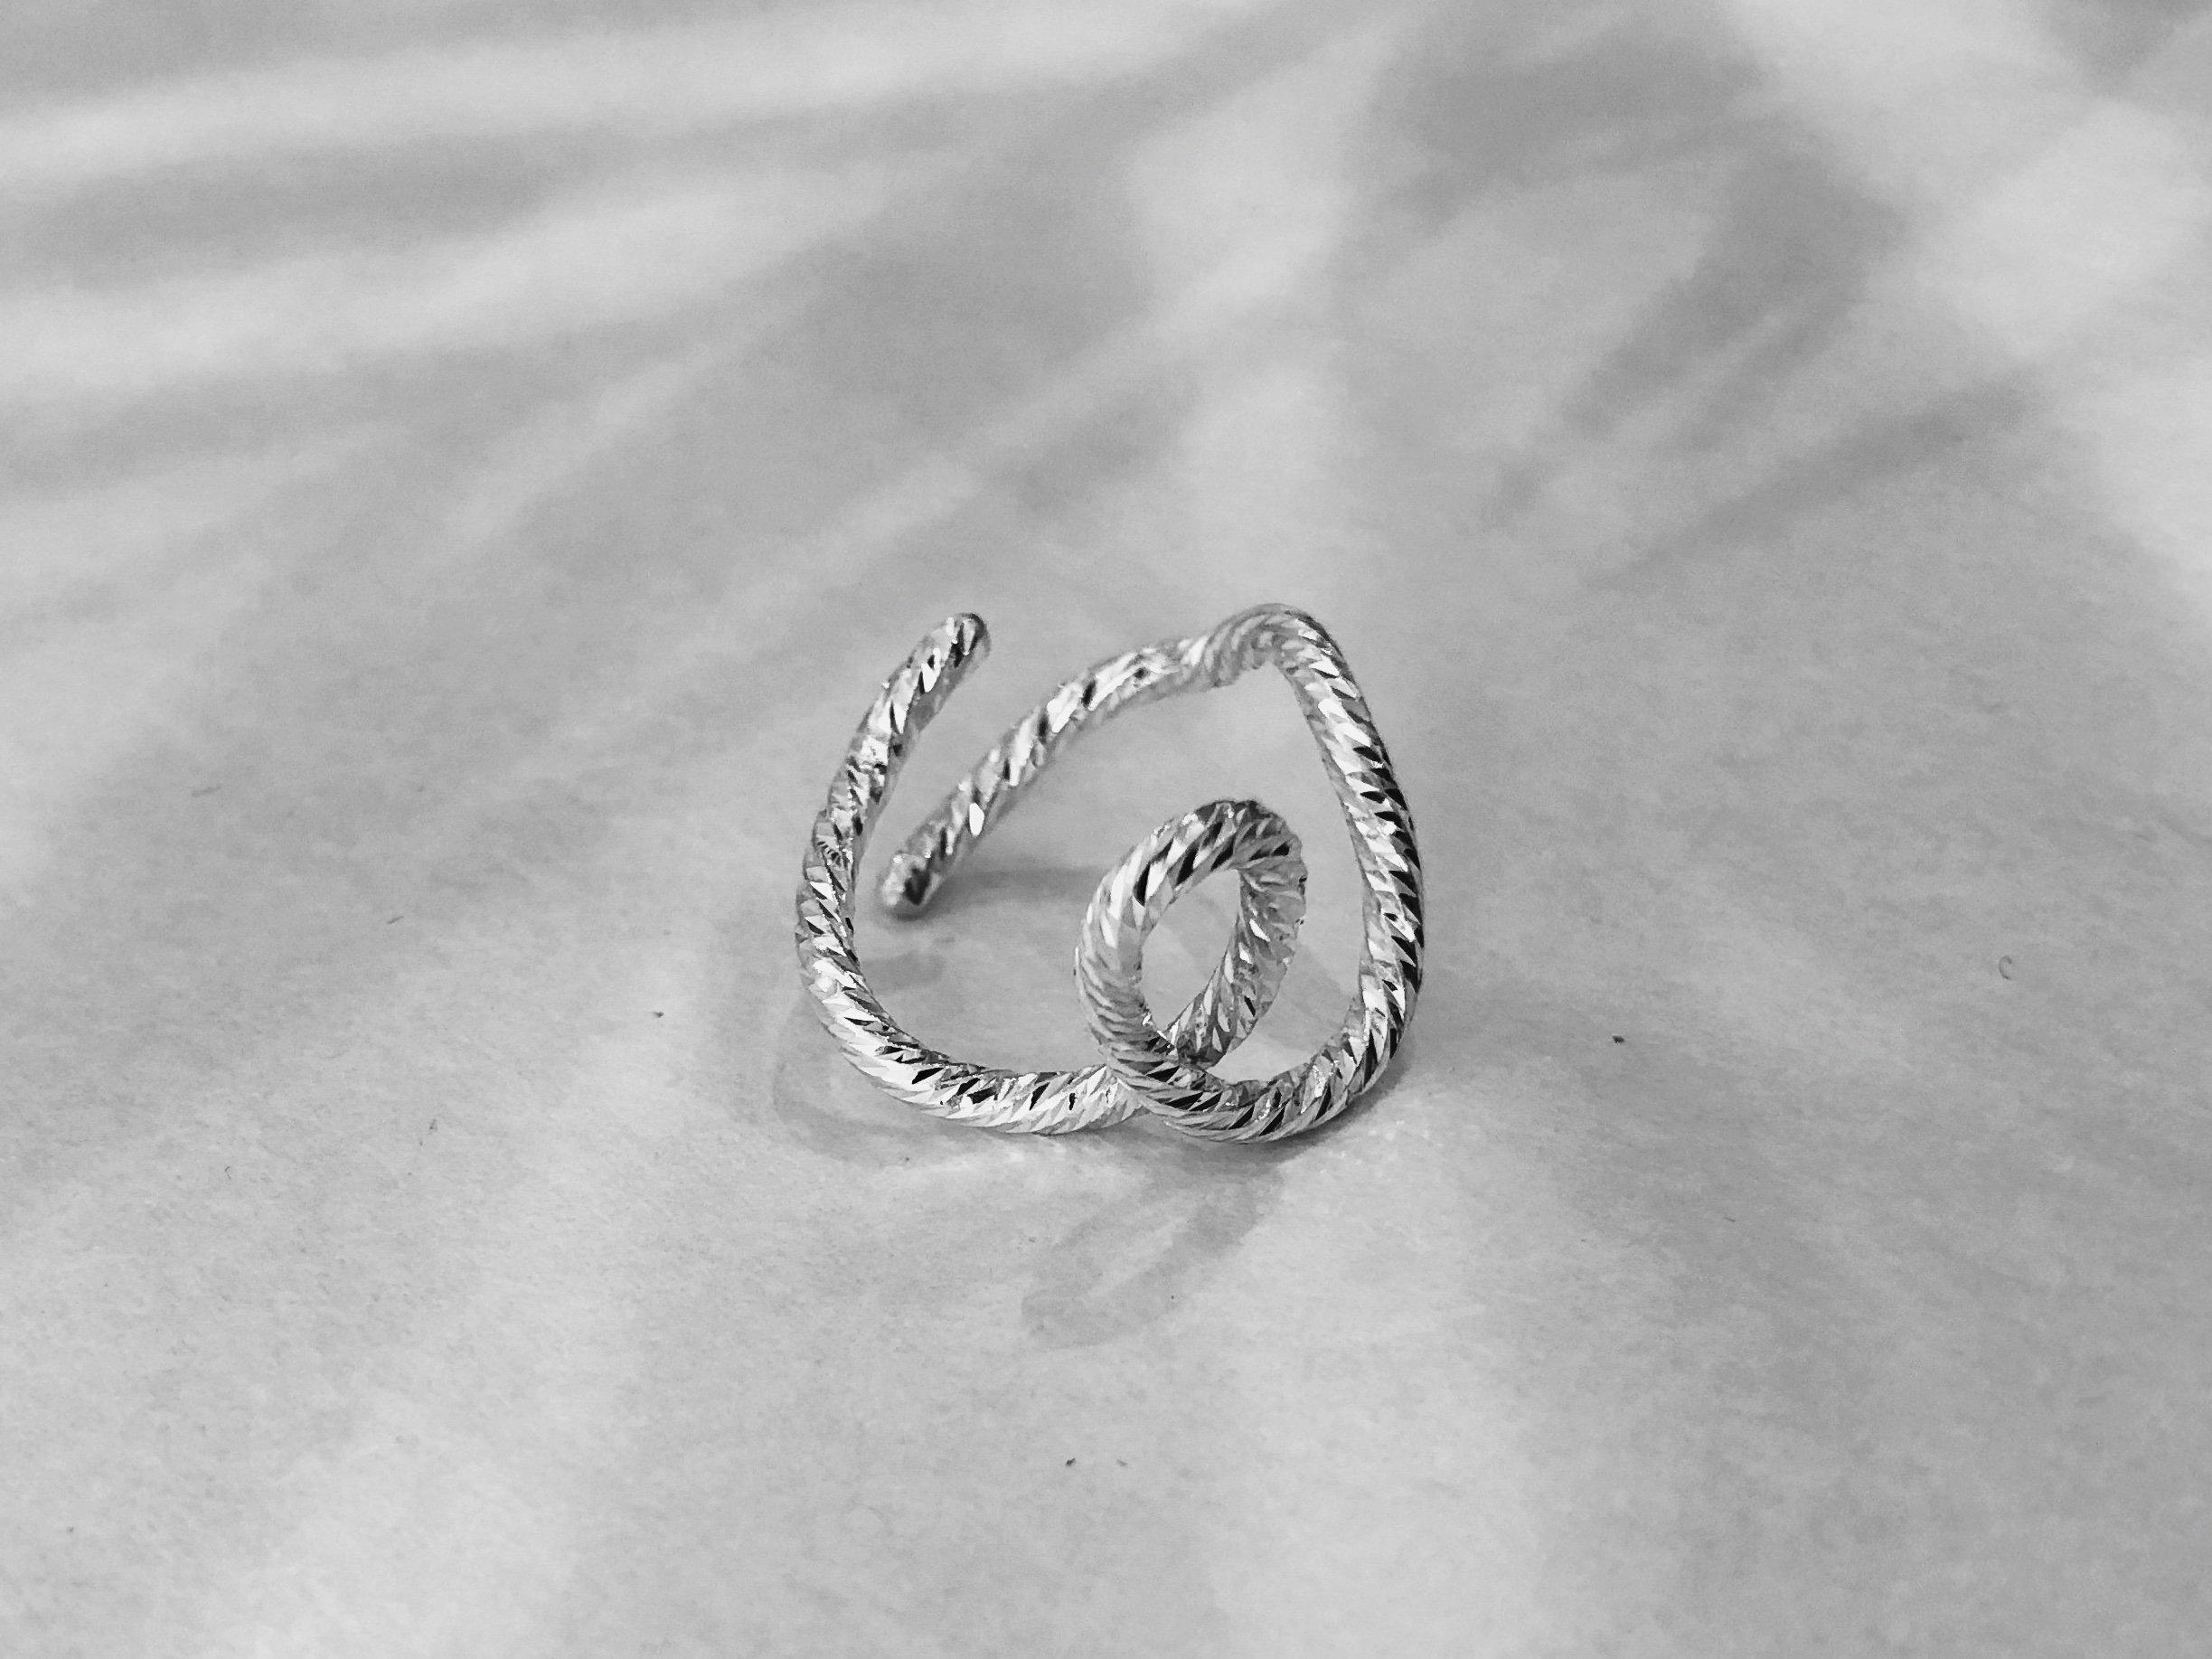 Snakish - ring